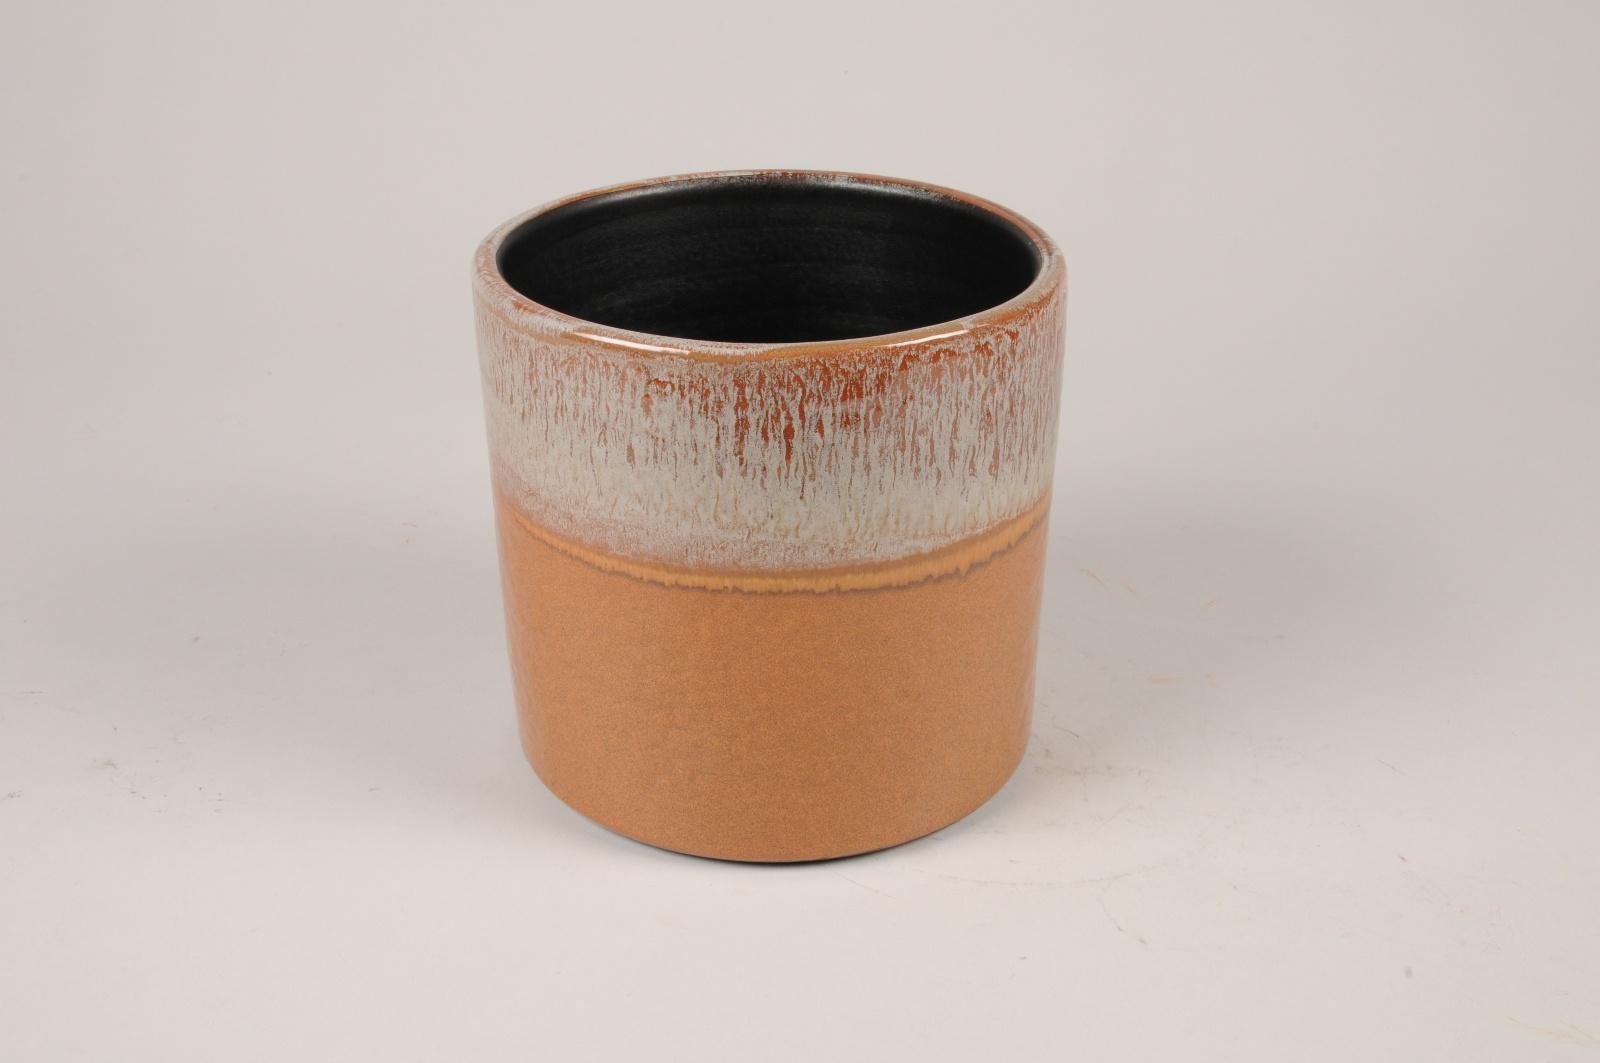 B462LE Cache-pot en céramique ocre D16.5cm H15.5cm